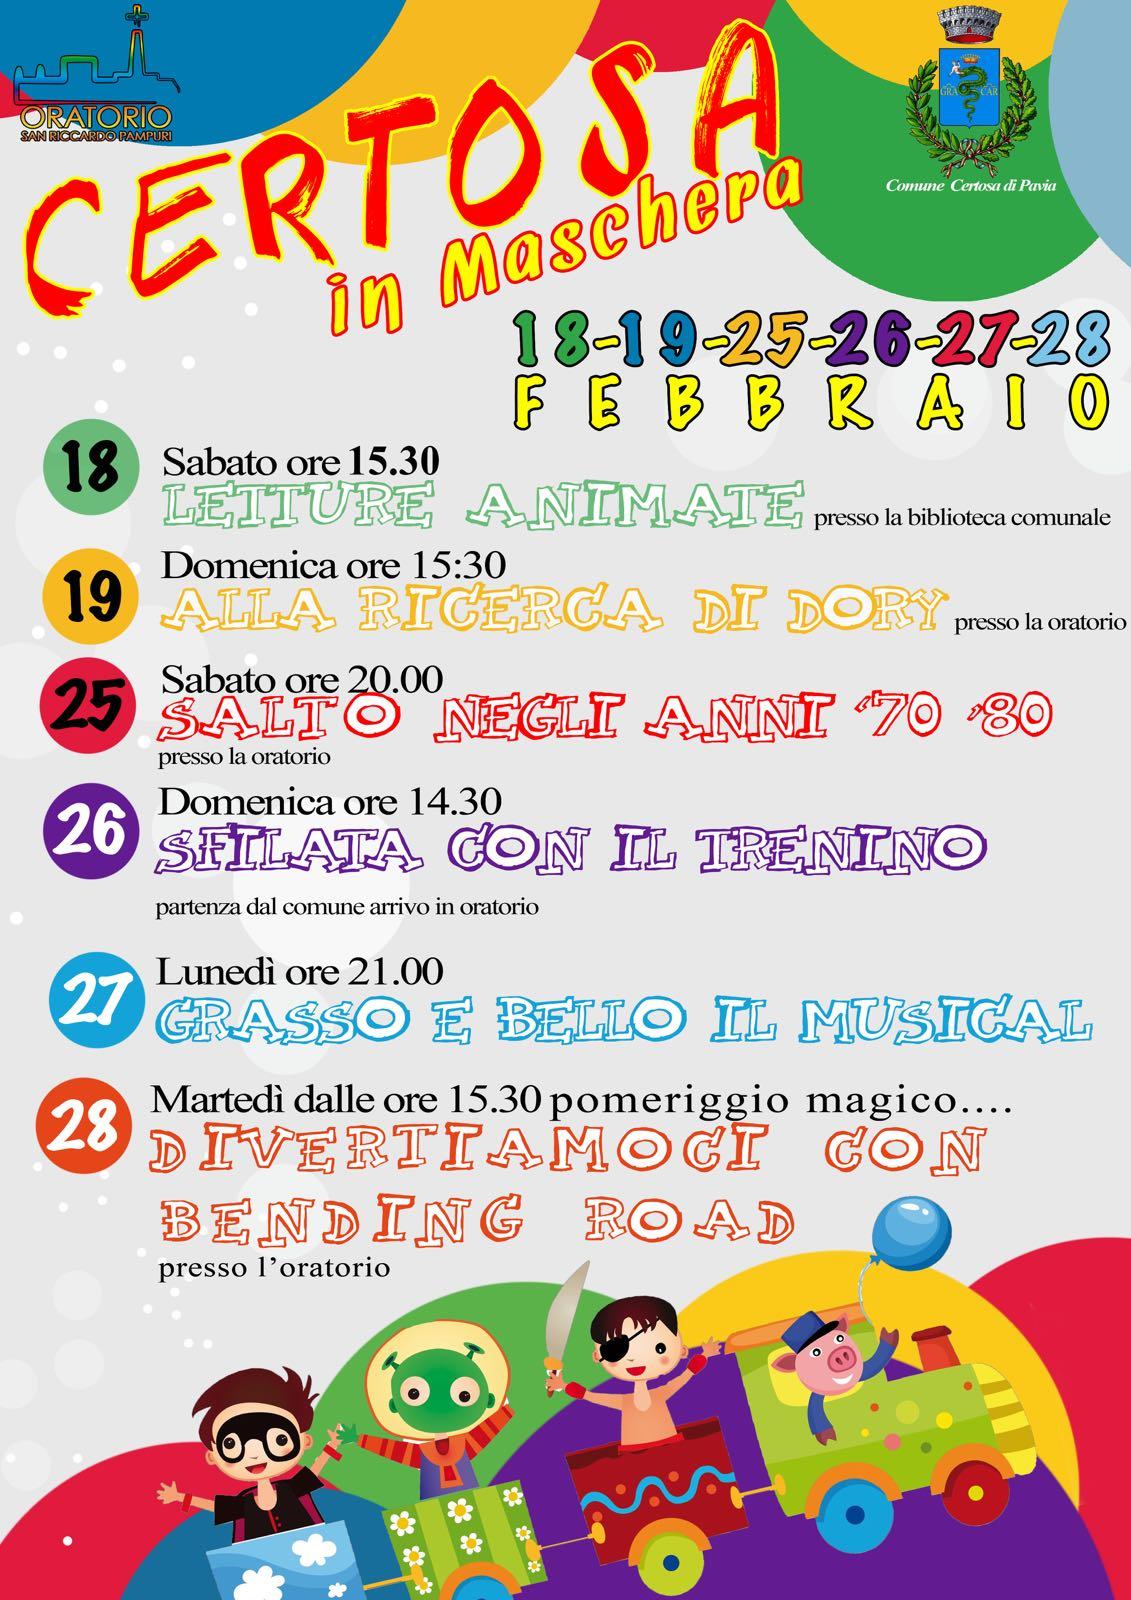 Eventi per Carnevale 2017 a Certosa di Pavia